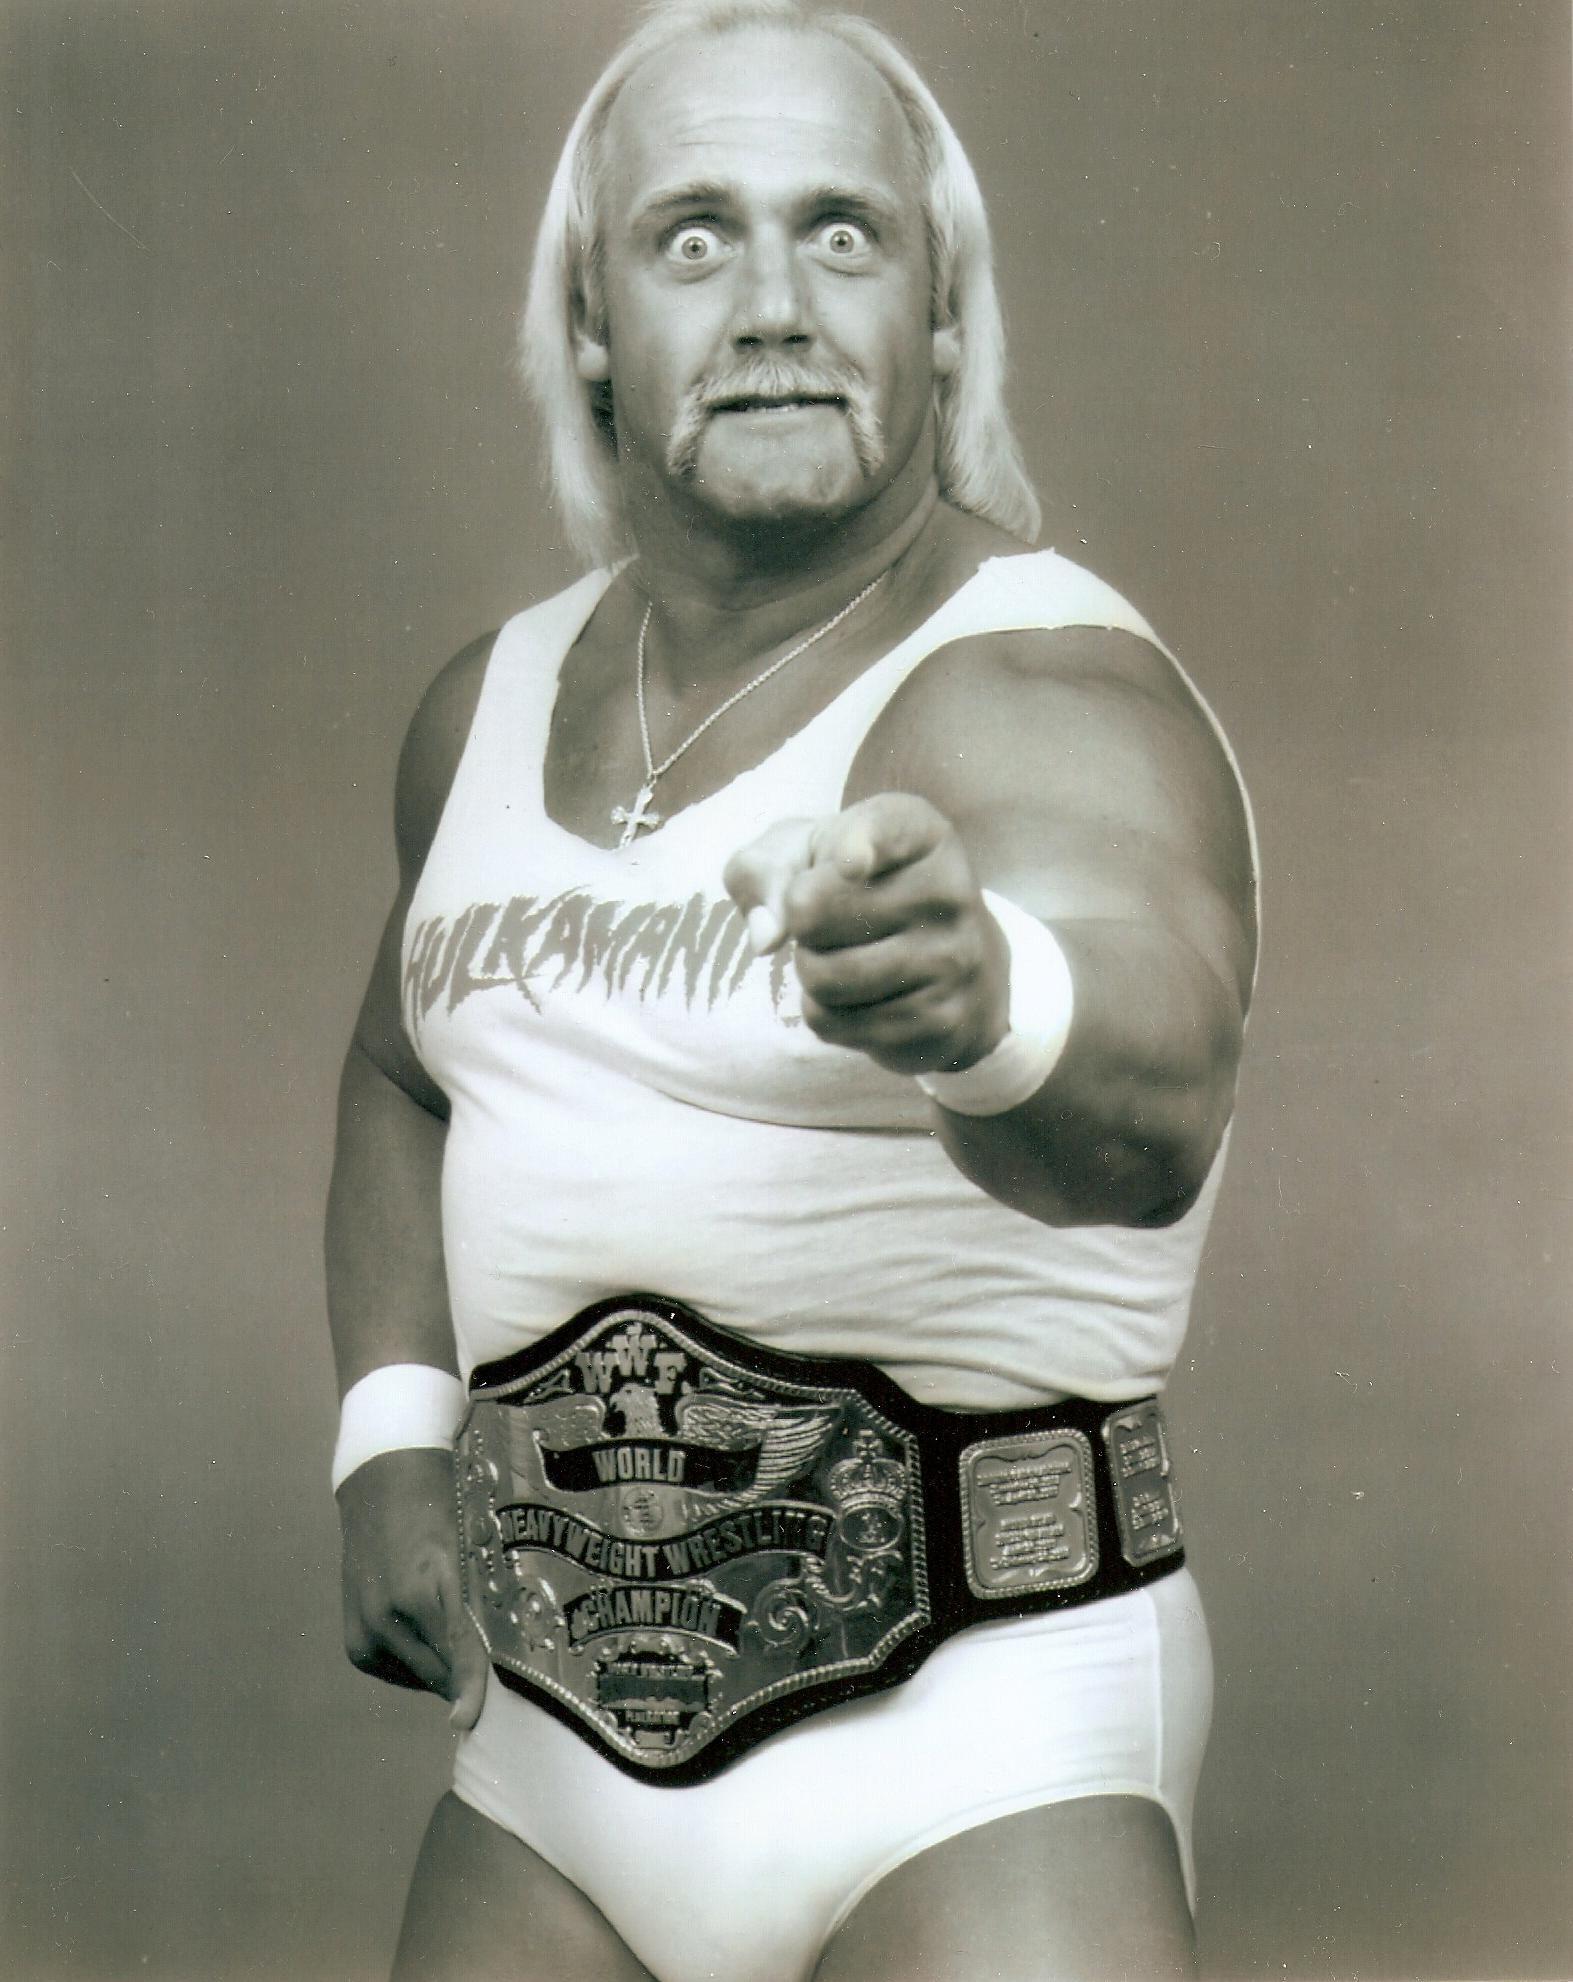 Hulk-Hogan